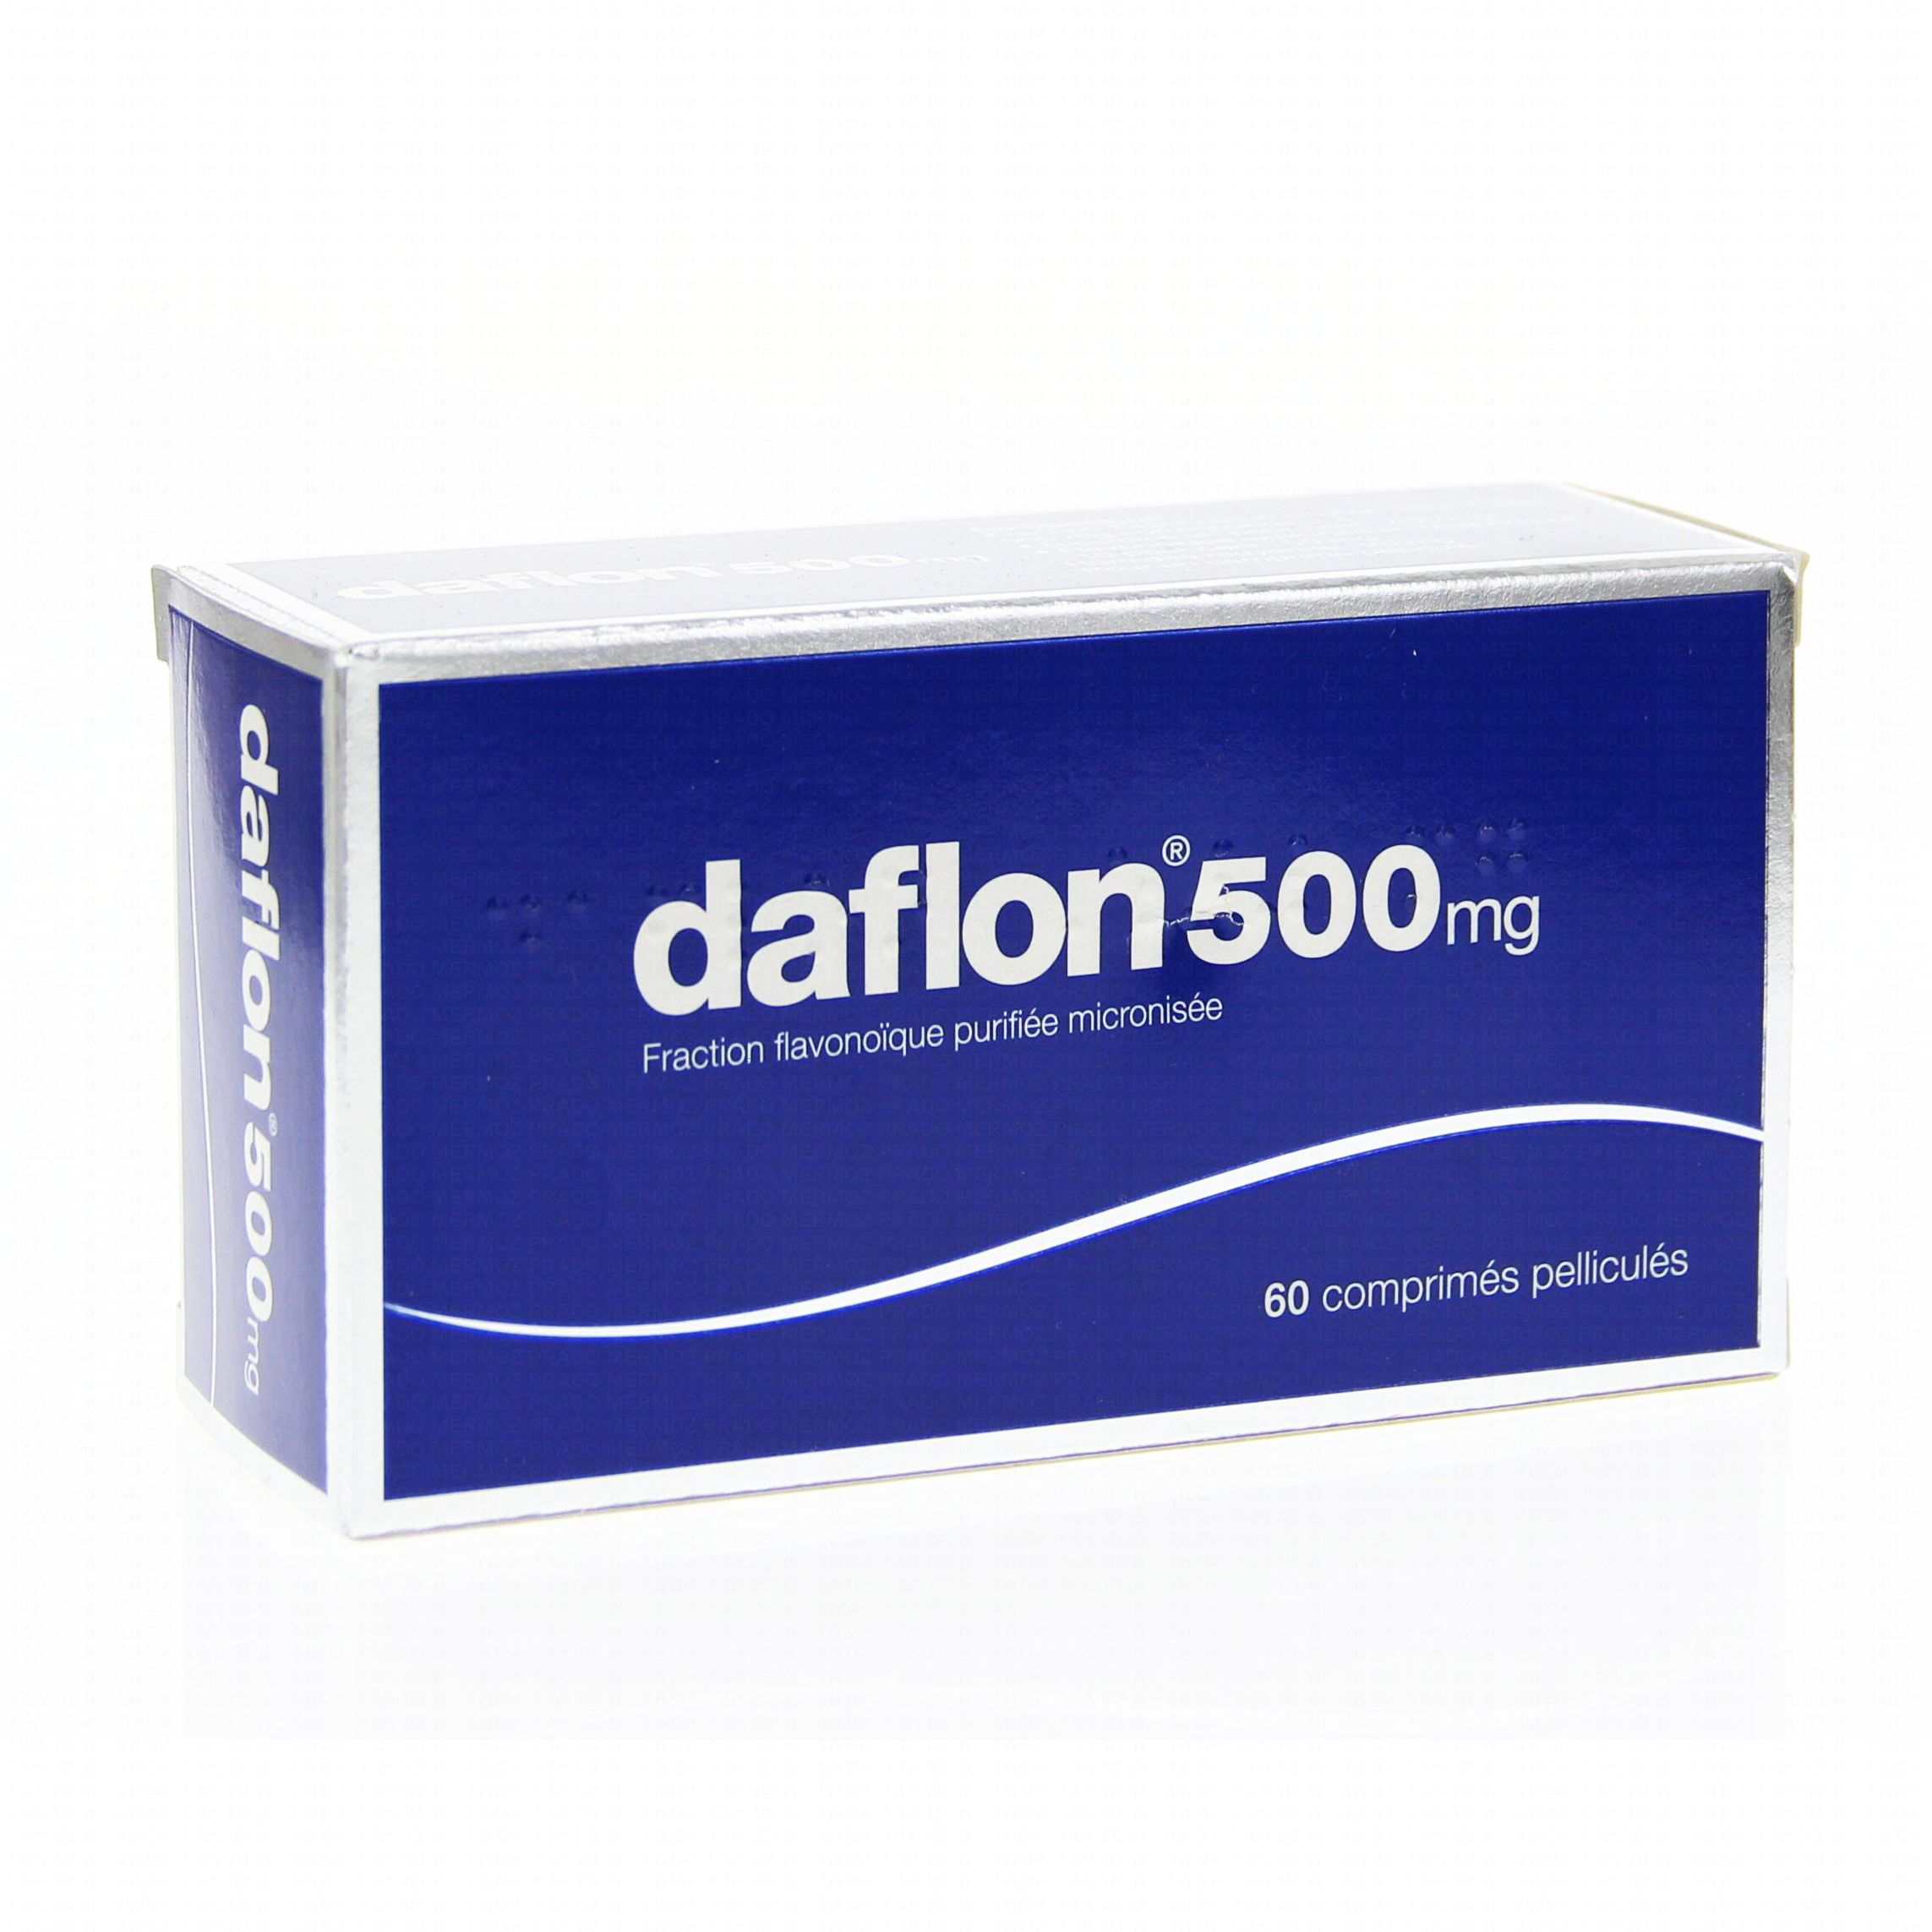 Daflon 500mg boîte de 60 comprimés Biogaran (médicament